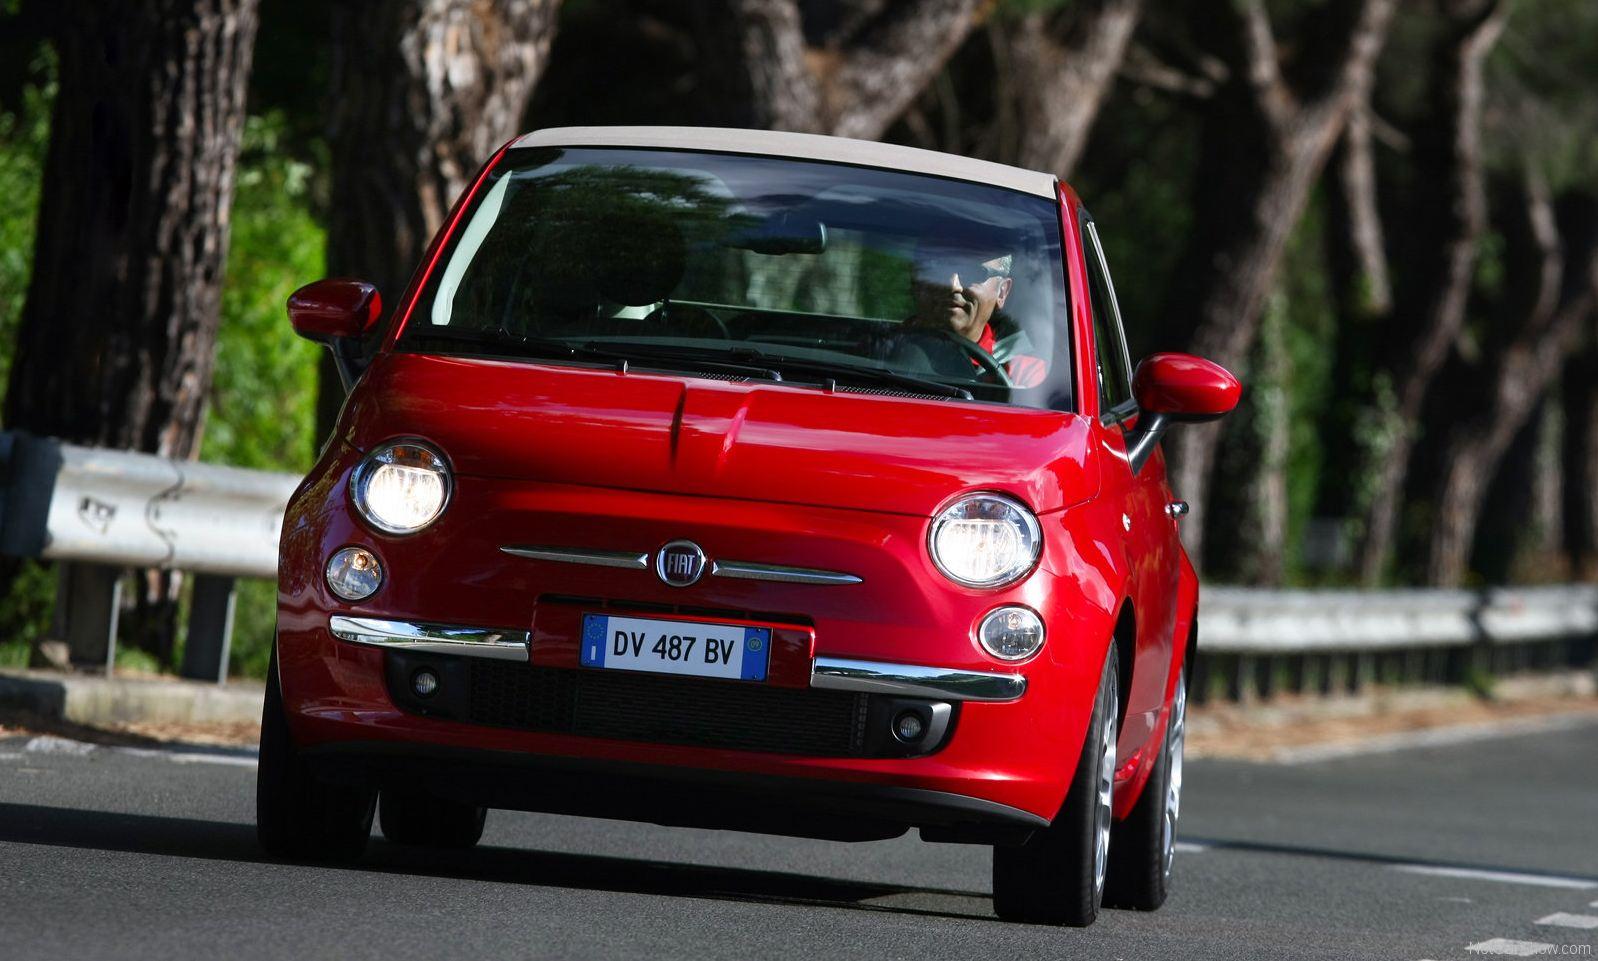 2010: Aygo #1, Fiat 500 #2